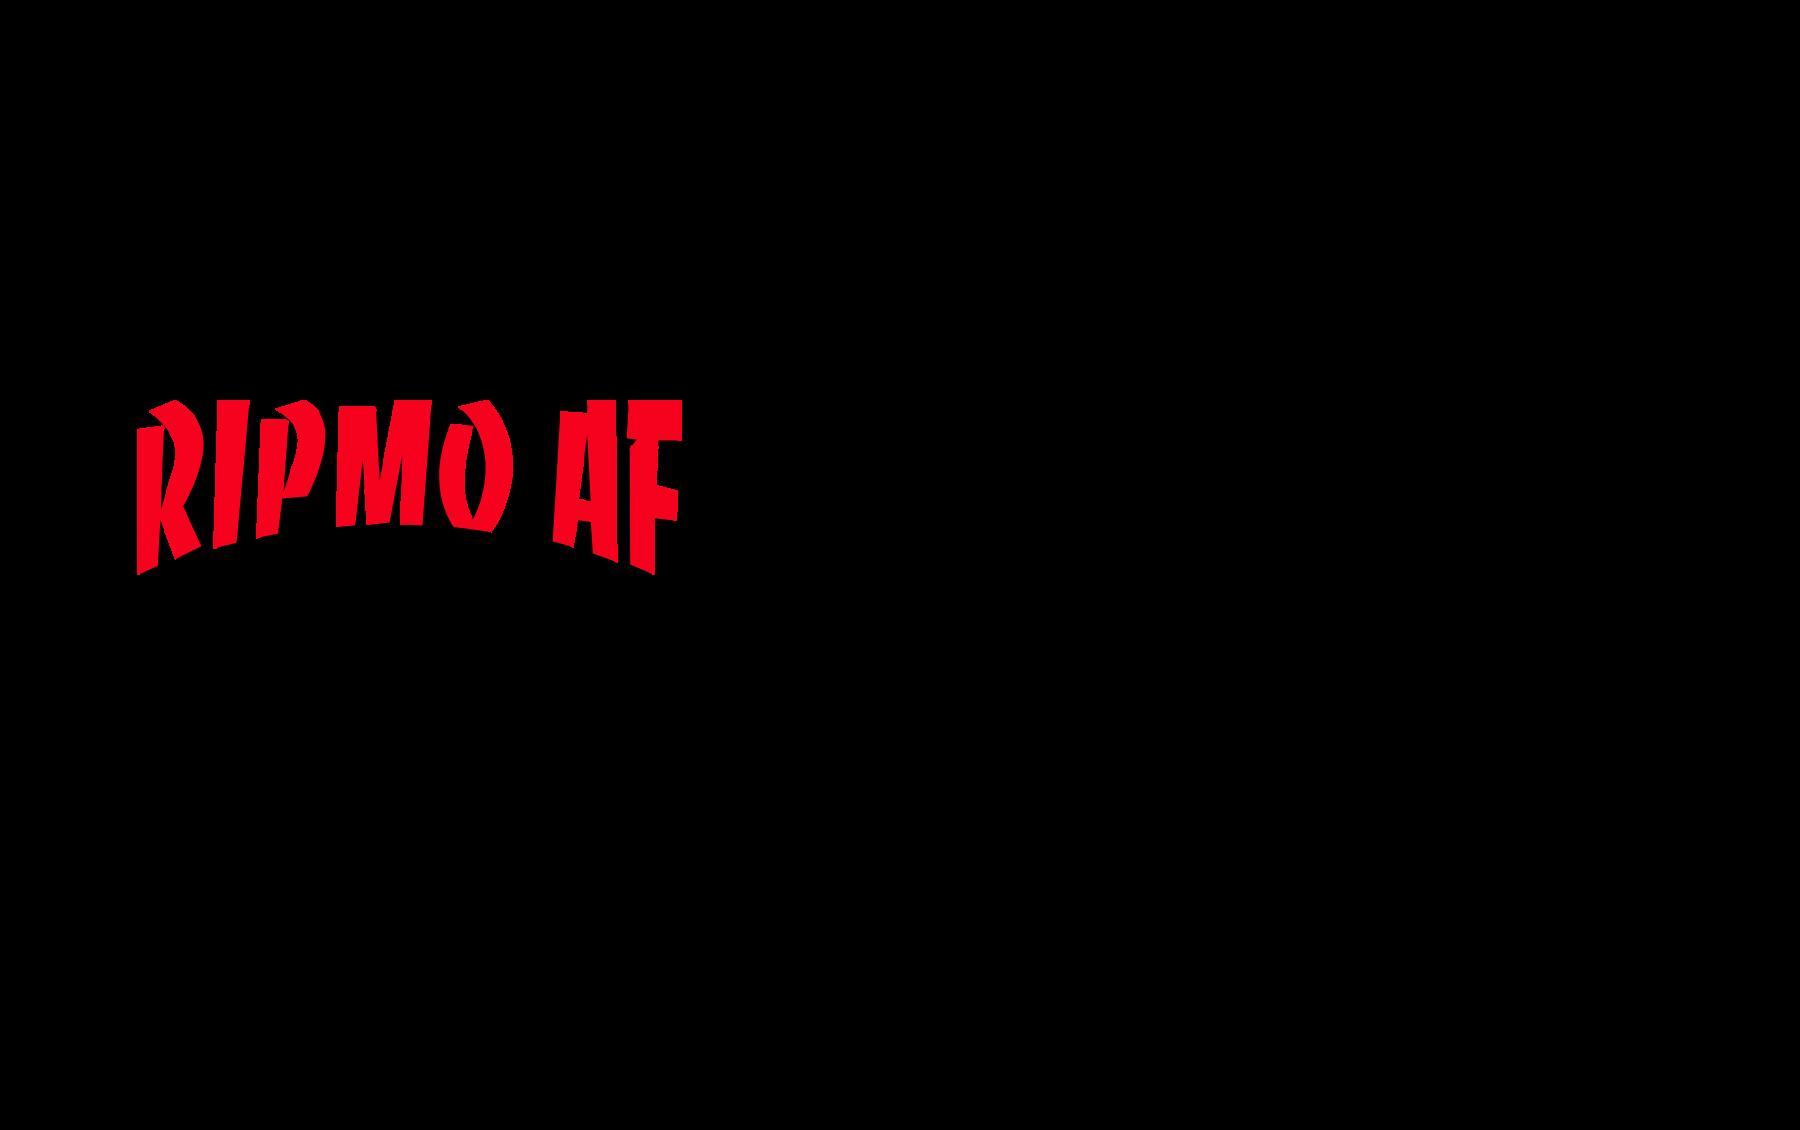 Ripmo AF - it's metal logo